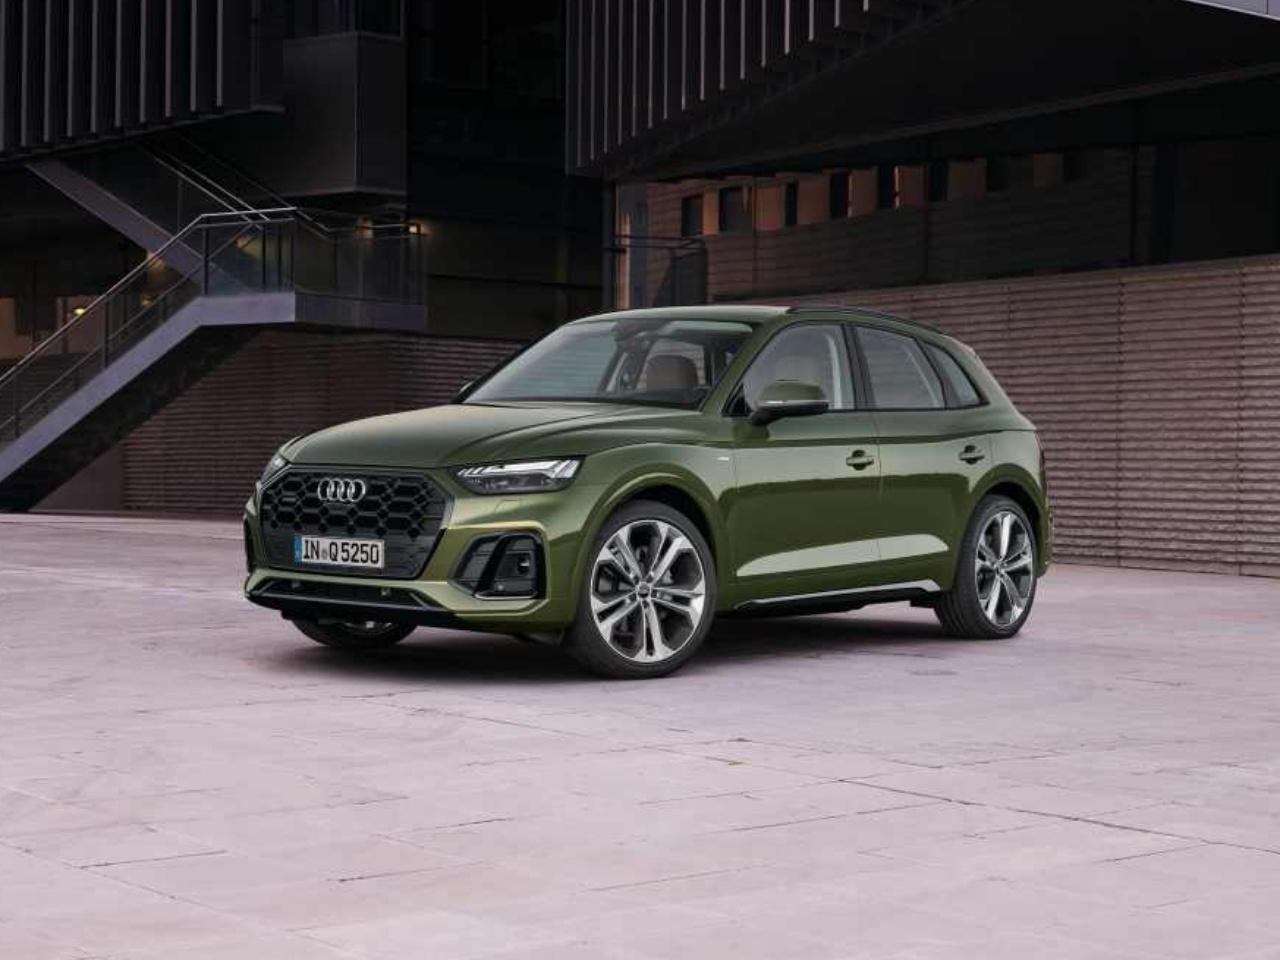 Audi Q5 2021 Nuestras Sensaciones Y Actualidad Topgear Es